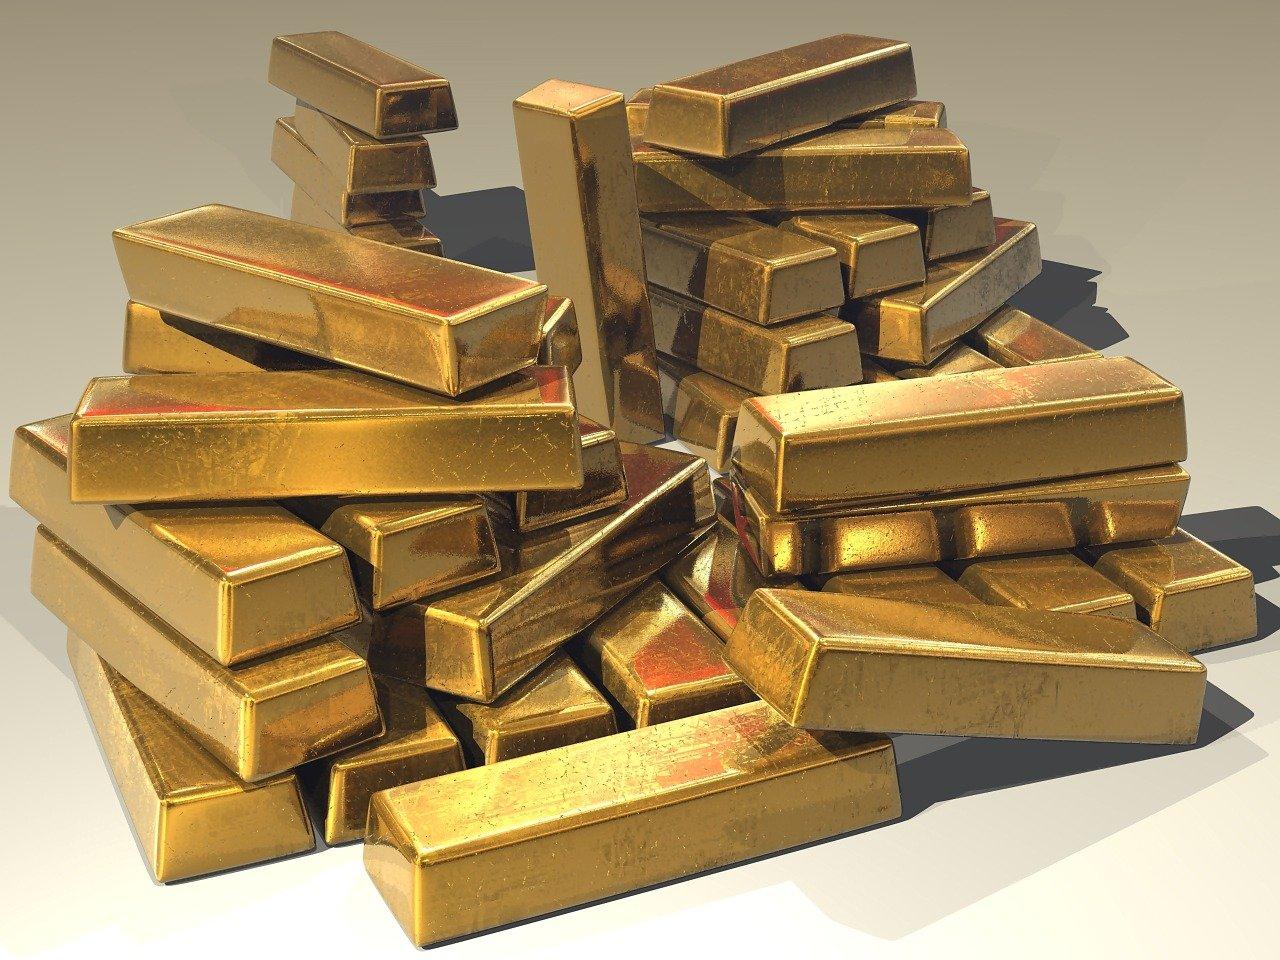 انهيار في أسعار الذهب.. سجل أدنى مستوى منذ 8 أشهر وأسباب هذا التراجع